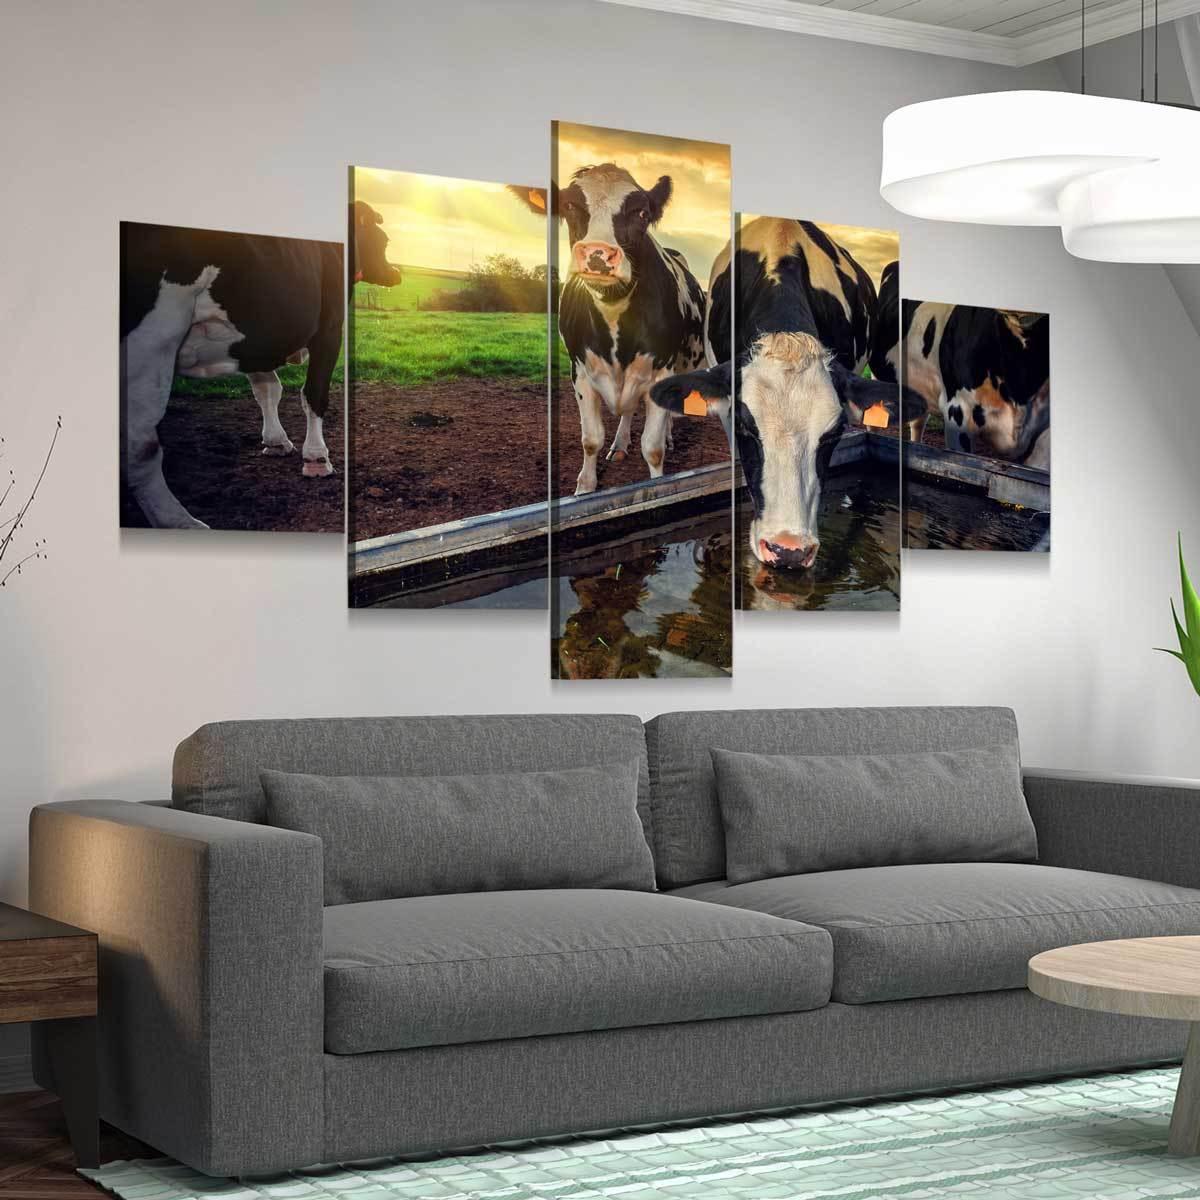 Young Calves 5 panel canvas wall art